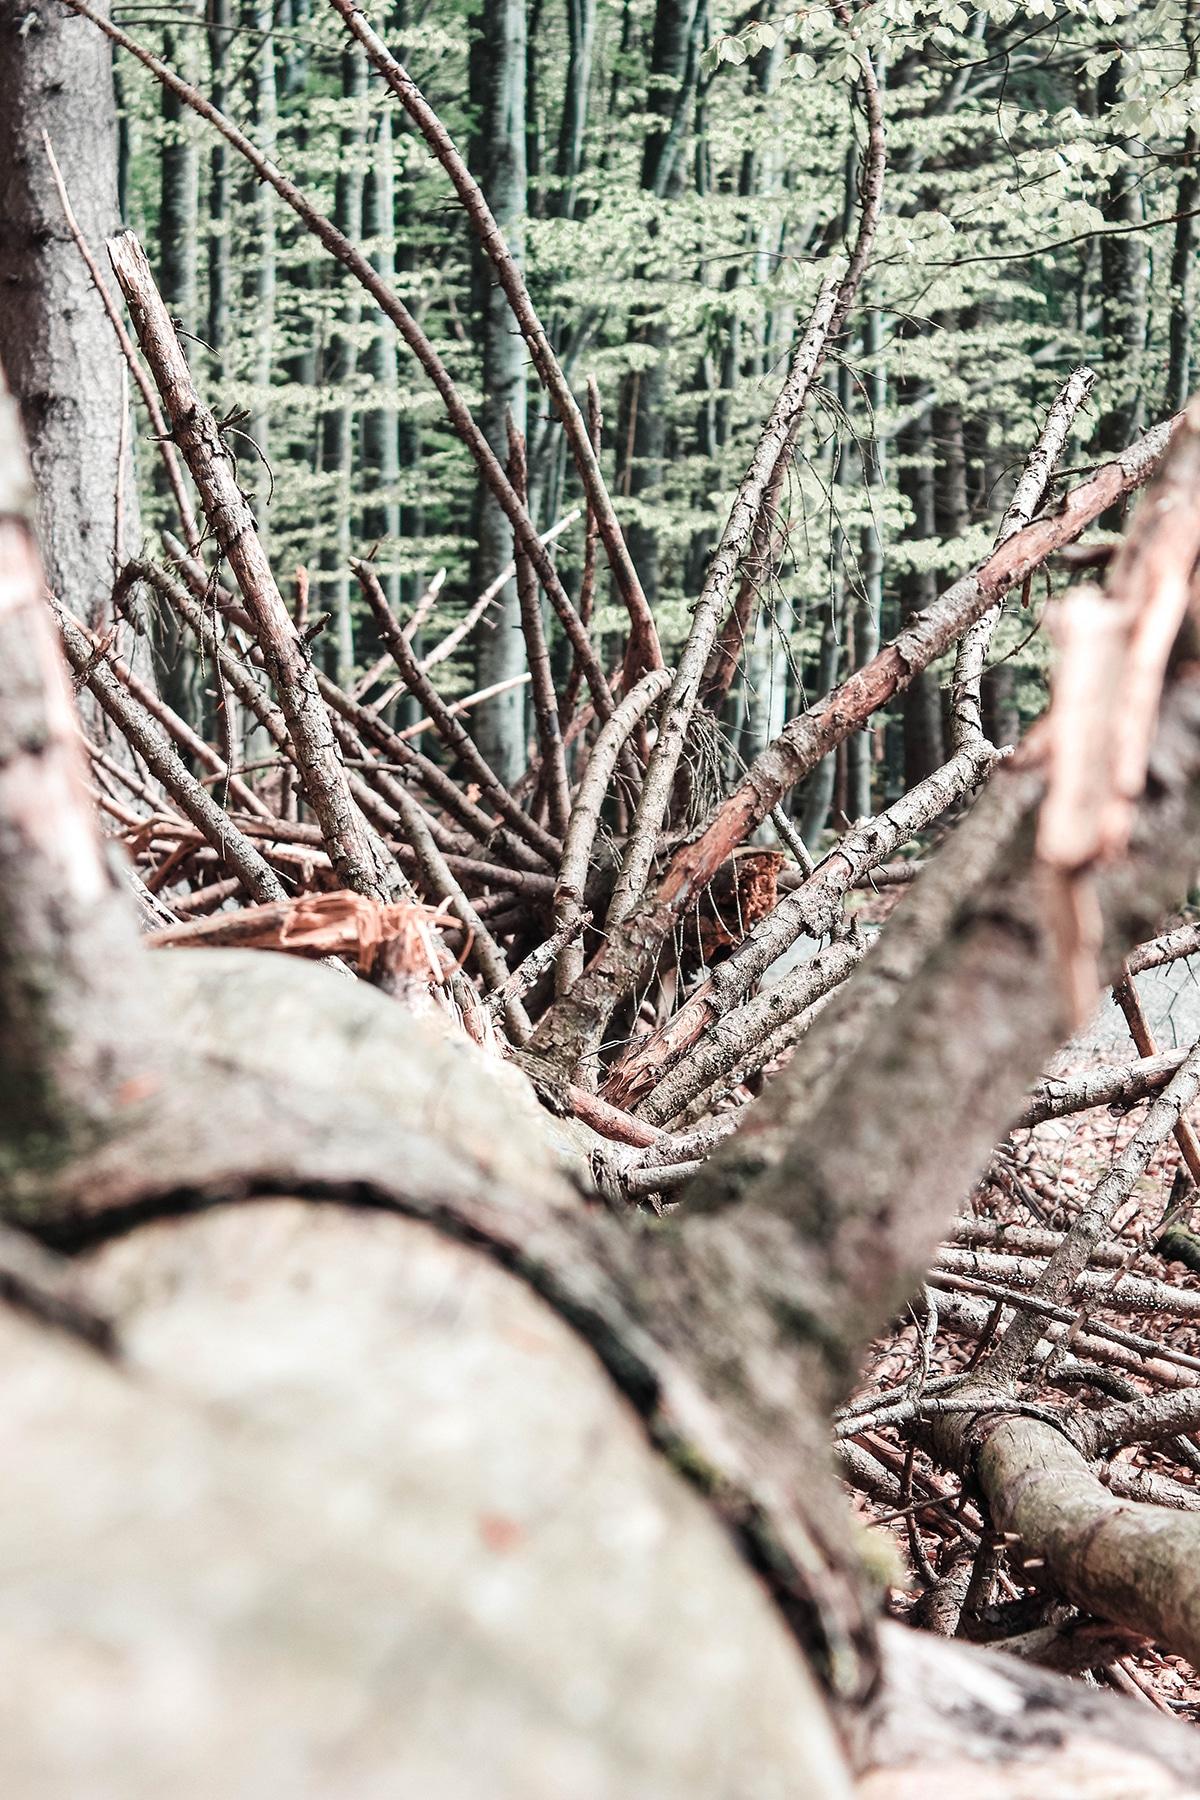 nationalpark-bayerischer-wald-baum-stumpf